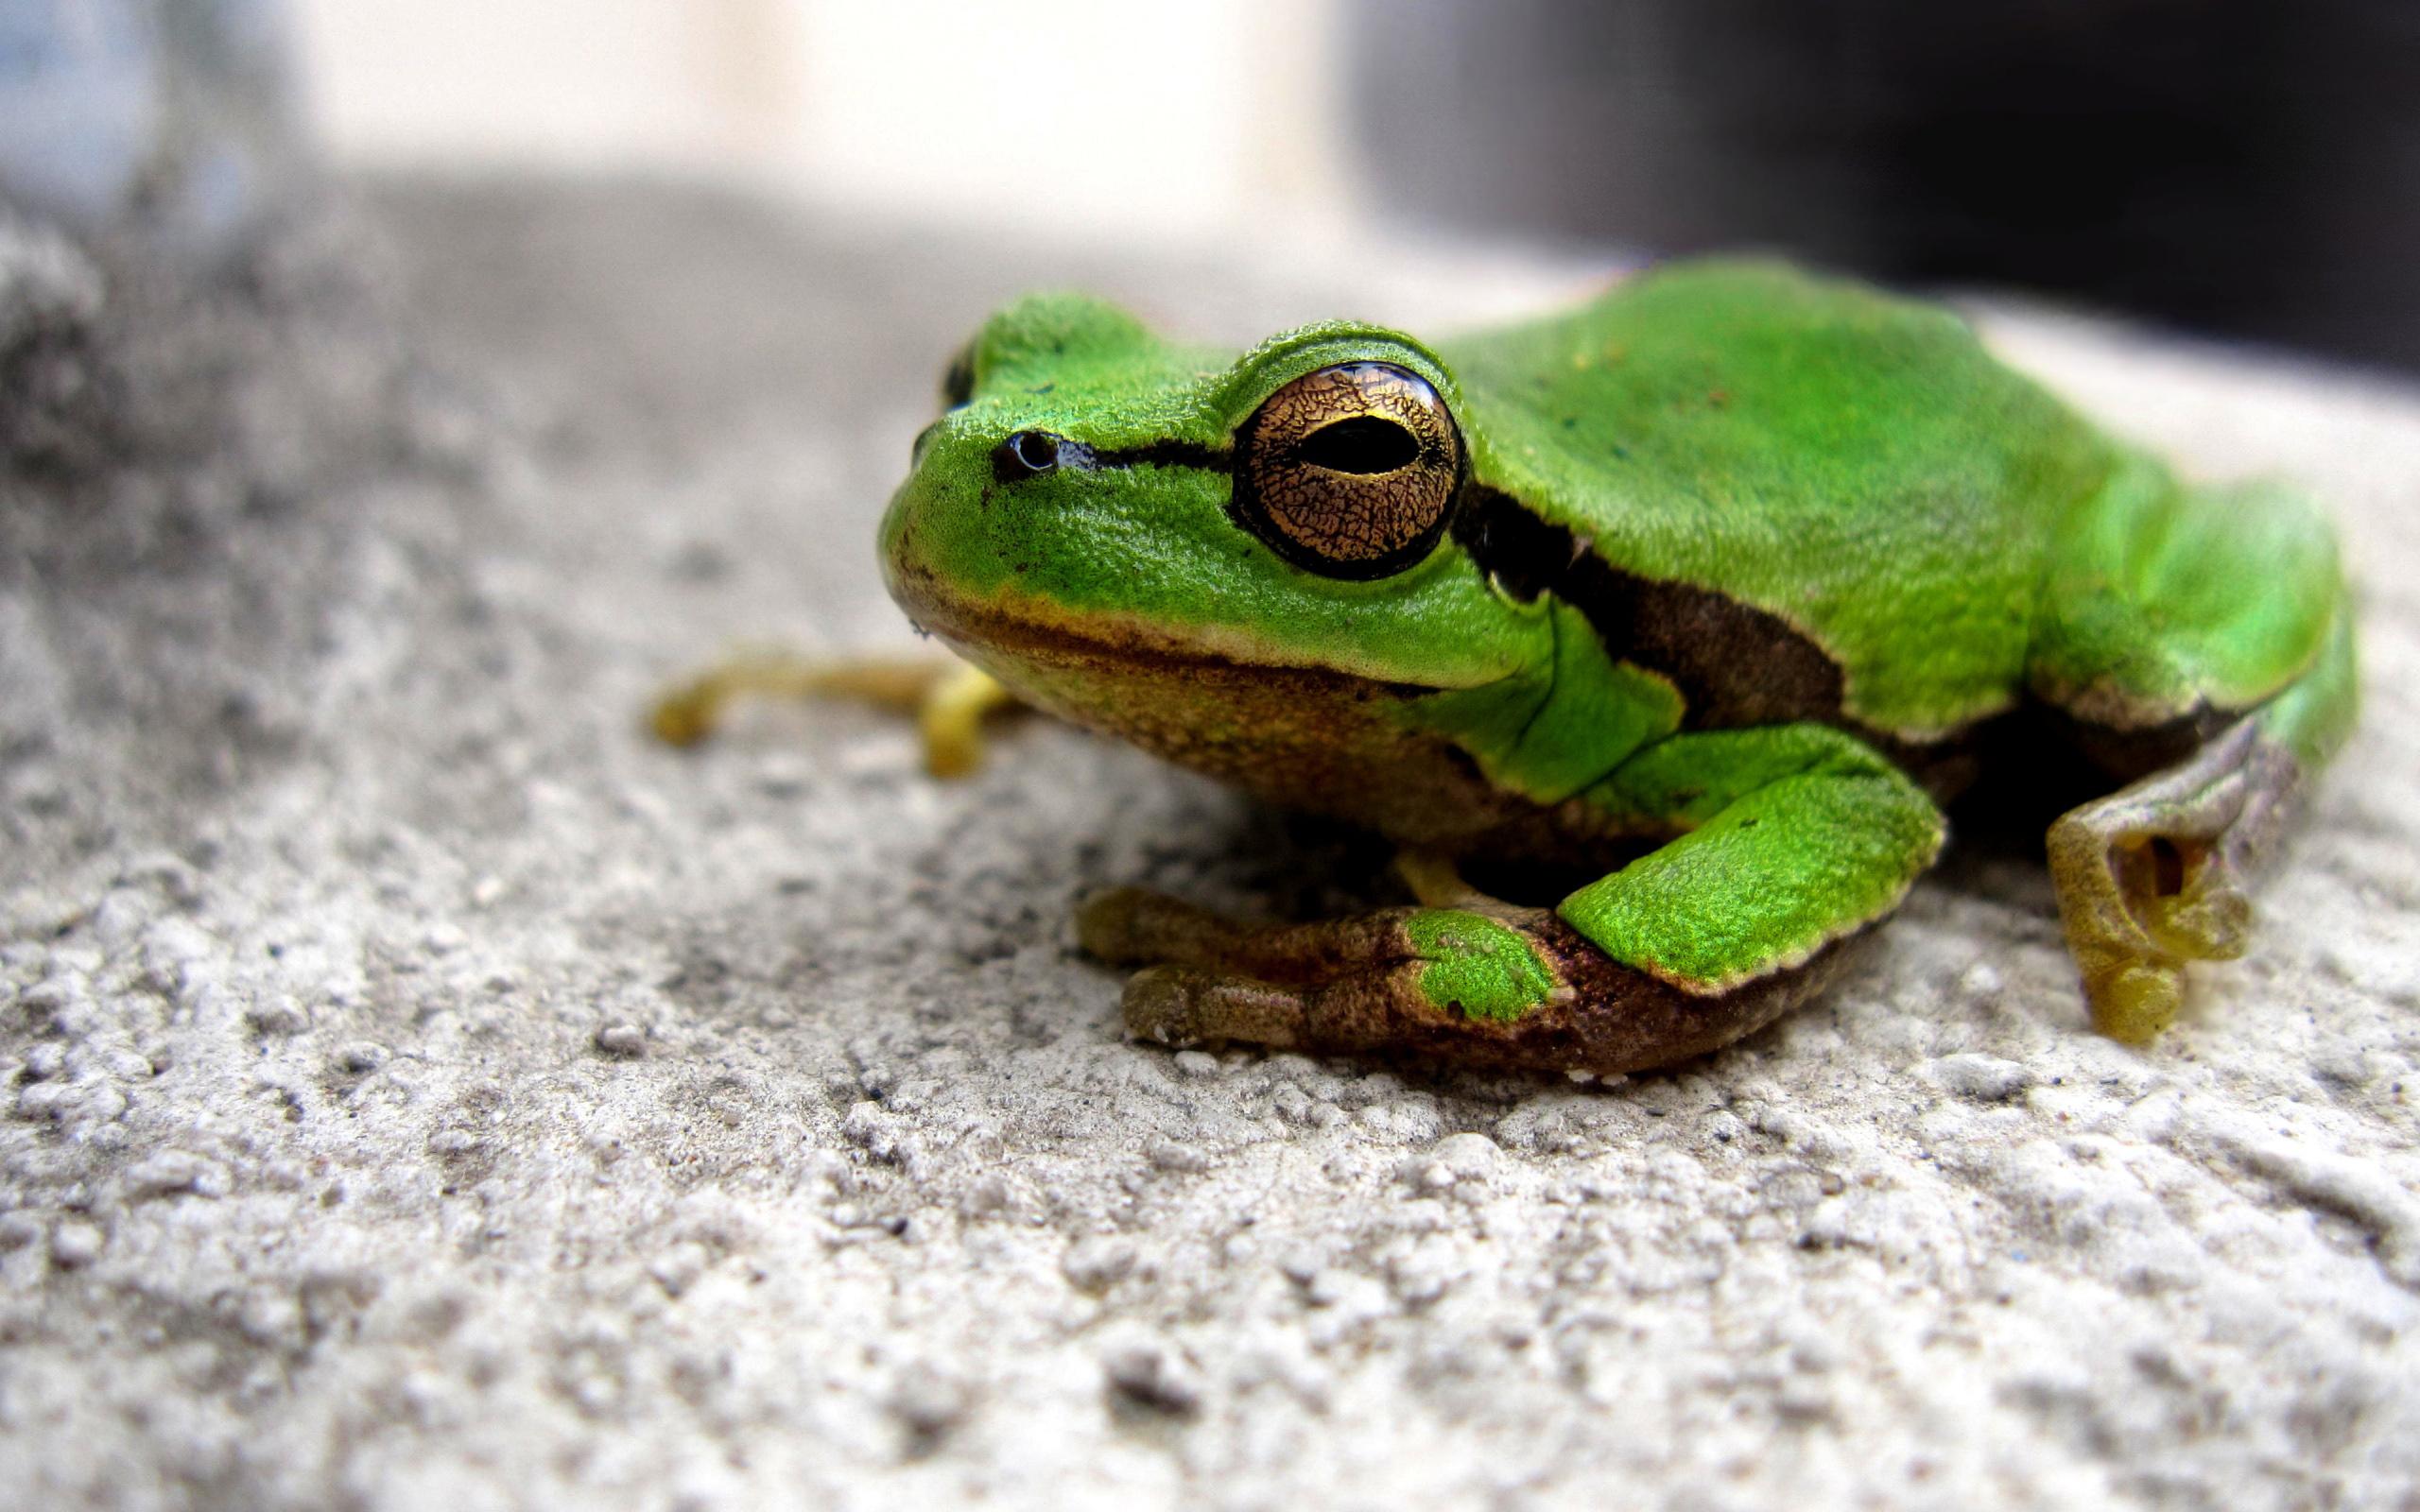 Green frog / 2560 x 1600 / Macro / Photography | MIRIADNA.COM